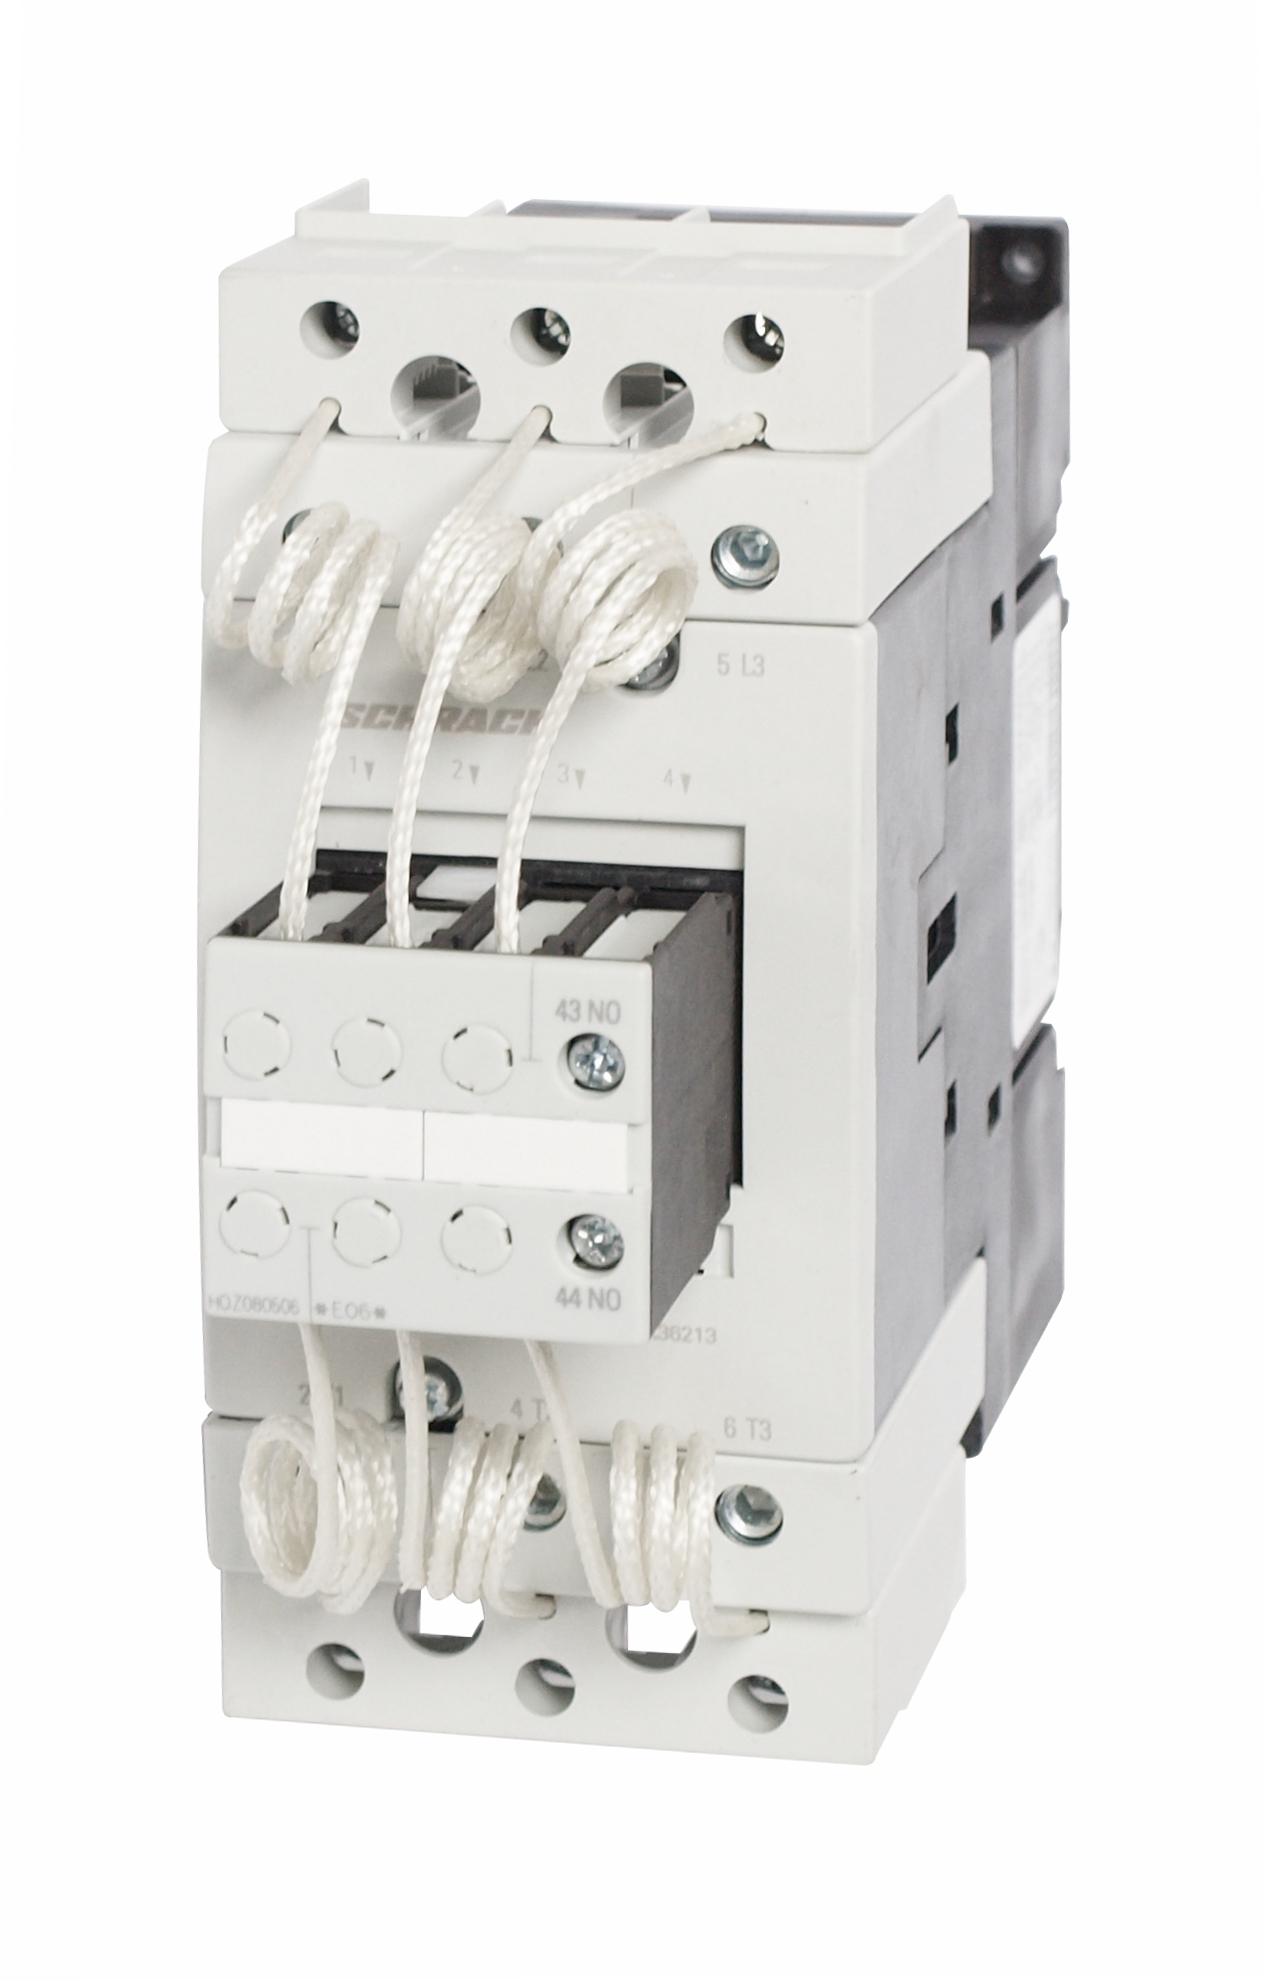 1 Stk Kondensatorschütz, AC6 50kVAr/400V, 230VAC, 1S, 3 LSK36213--